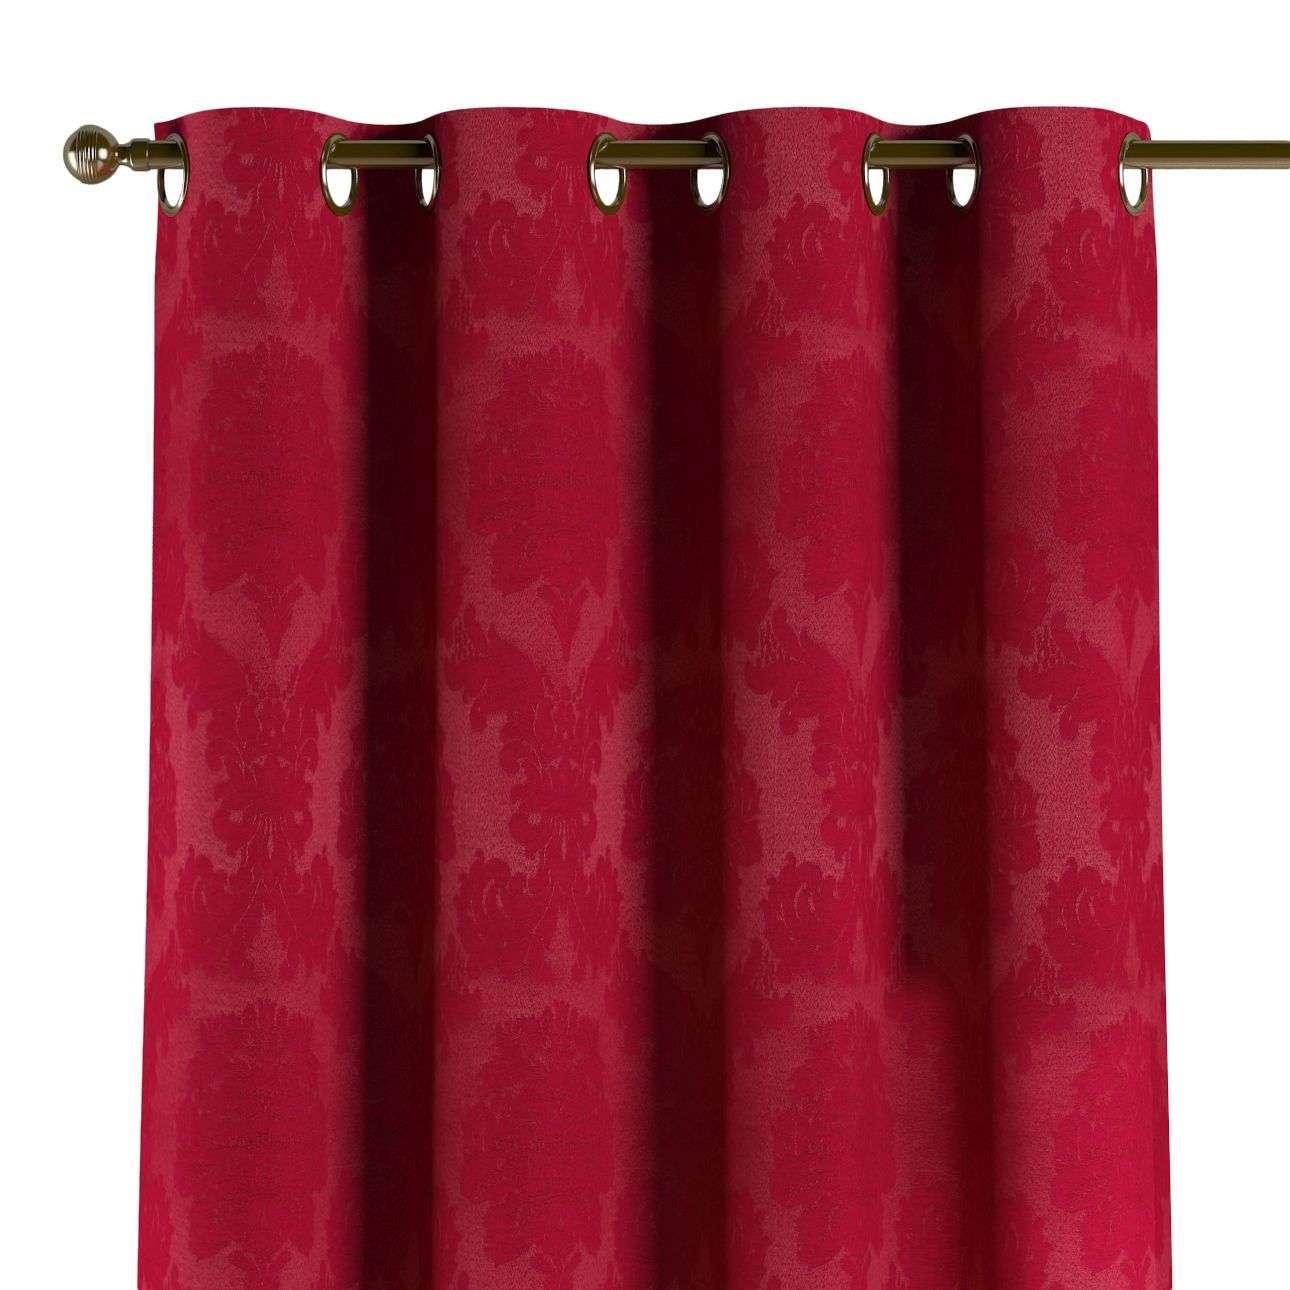 Zasłona na kółkach 1 szt. 1szt 130x260 cm w kolekcji Damasco, tkanina: 613-13